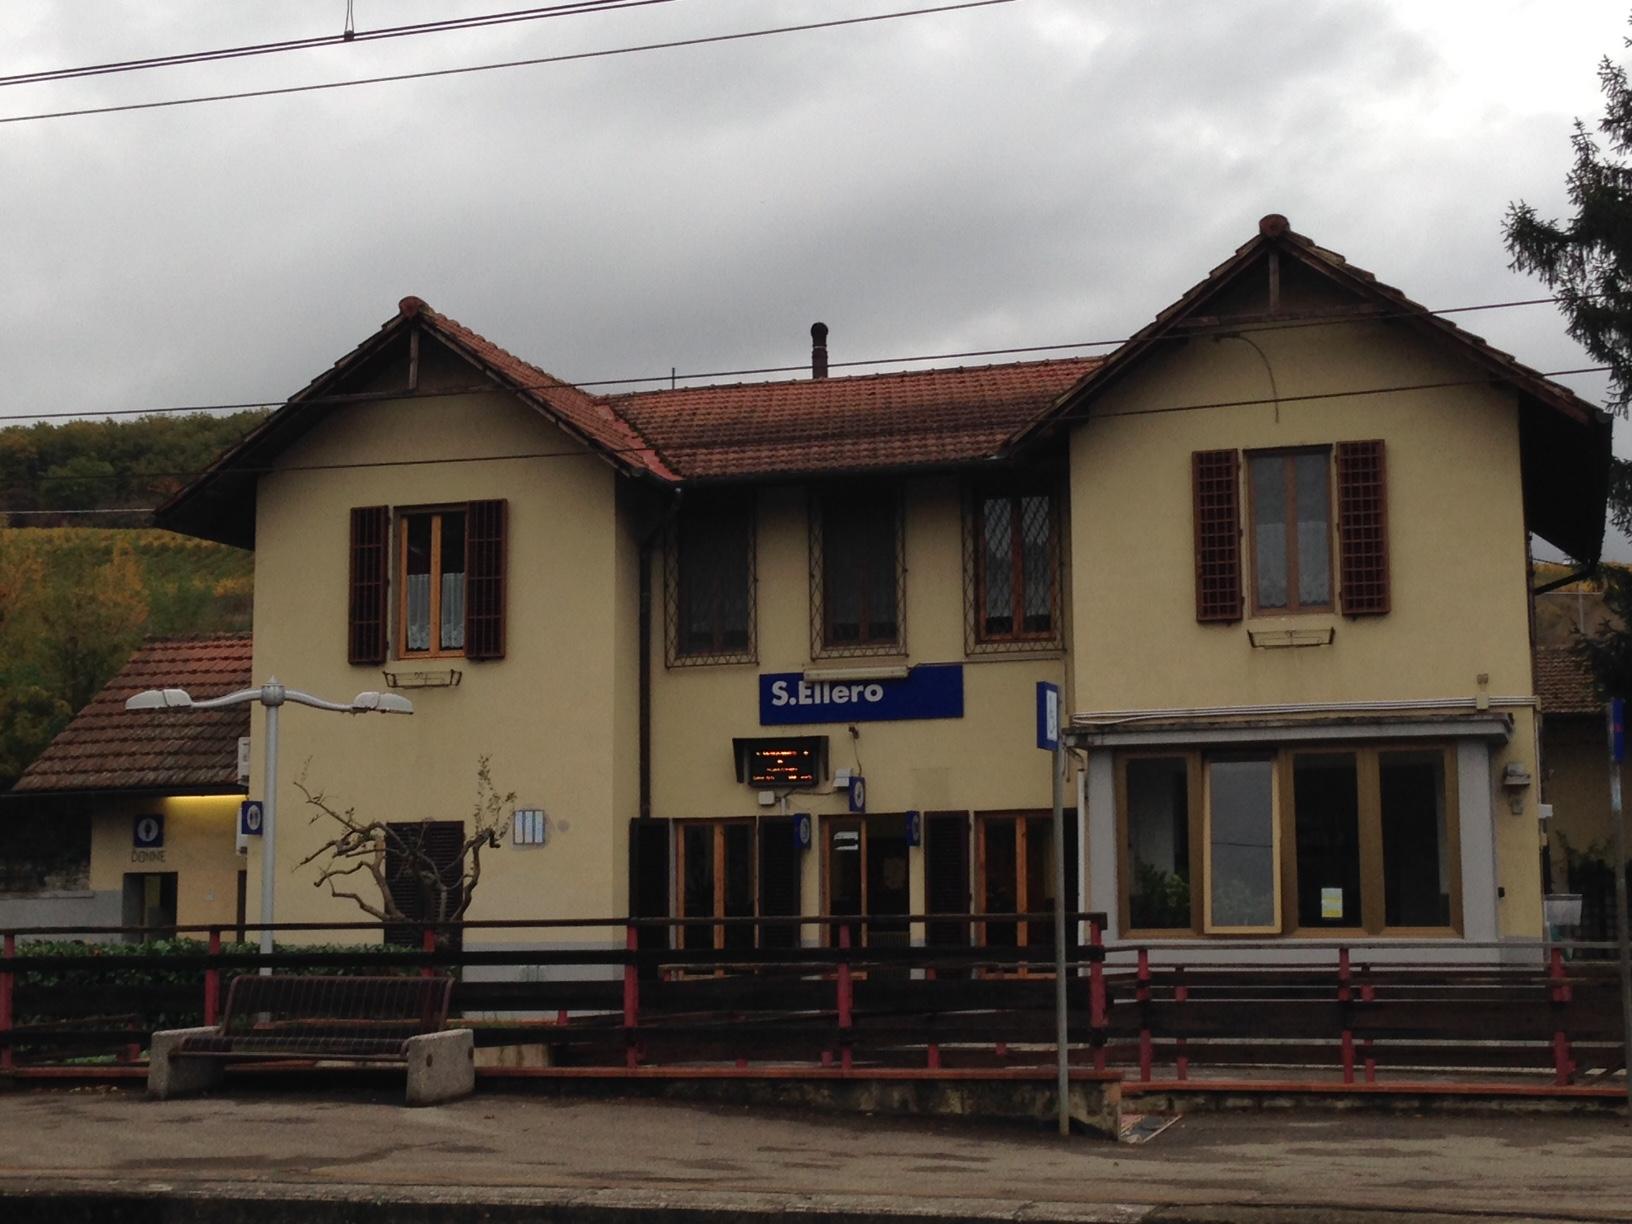 Foto_Stazione_Sellero_Toscana_Novecento